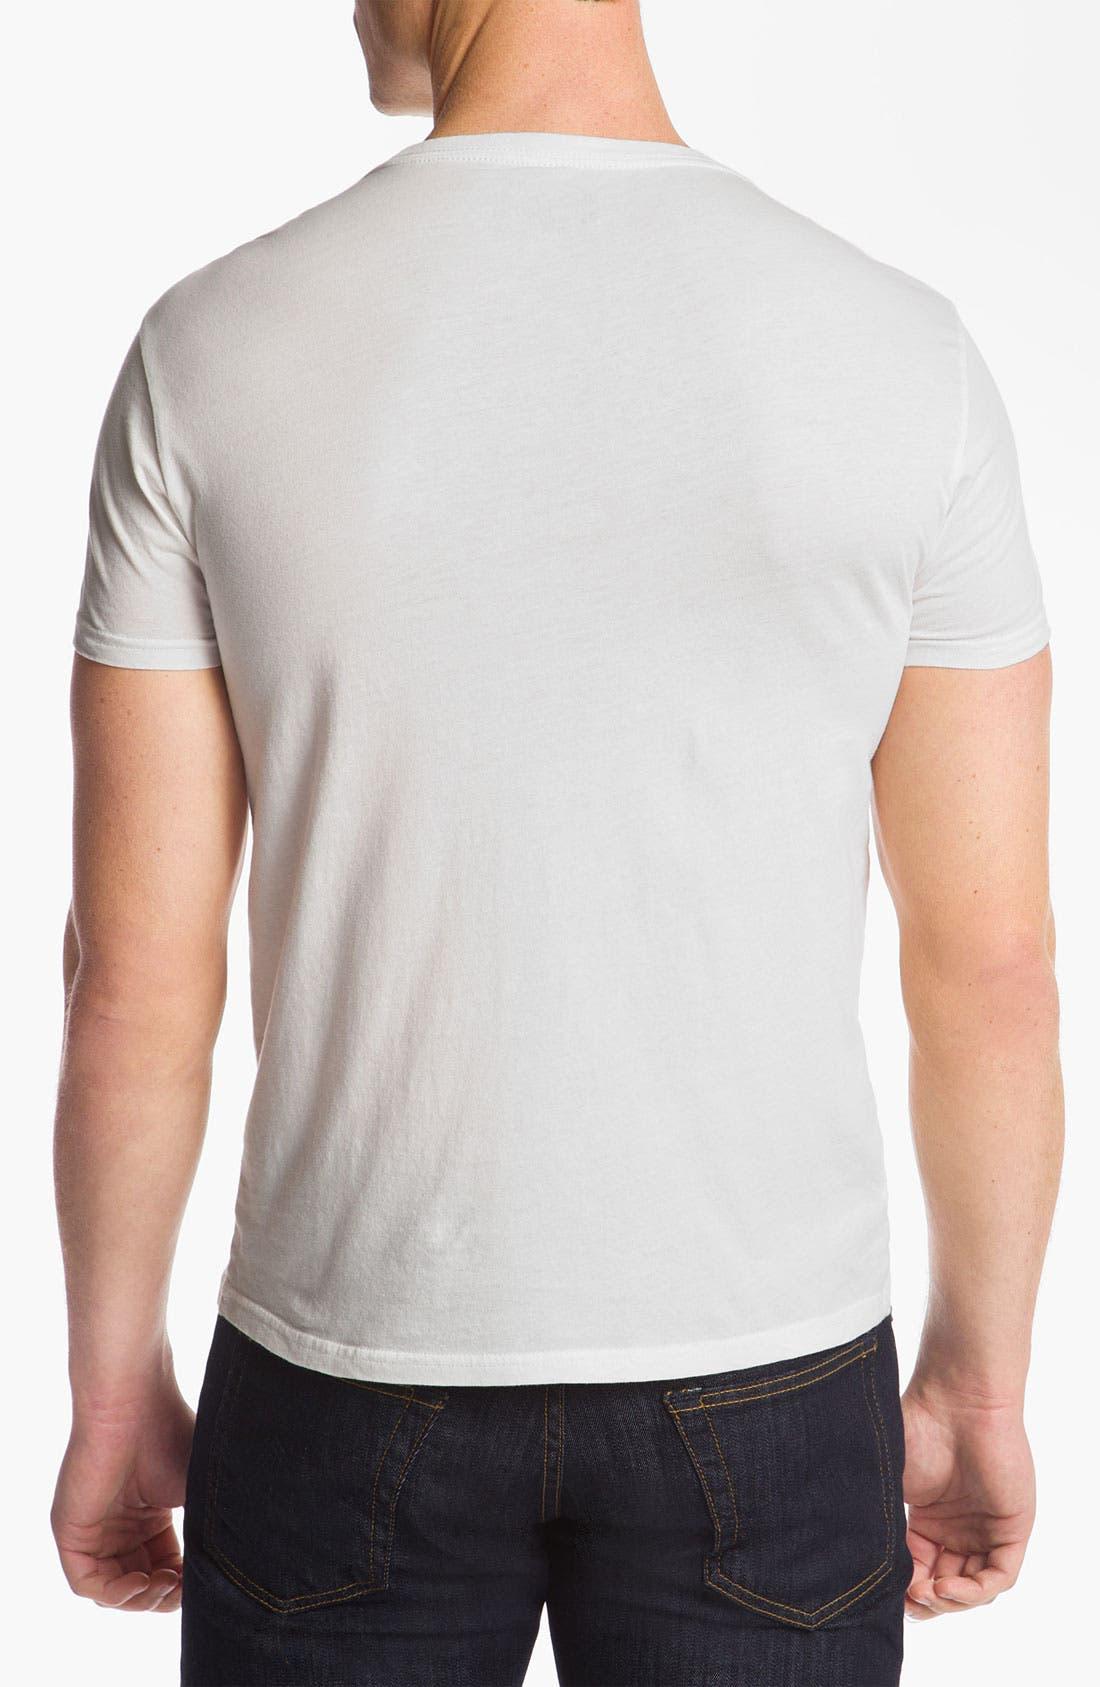 Alternate Image 2  - The Original Retro Brand 'Xavier Musketeers' T-Shirt